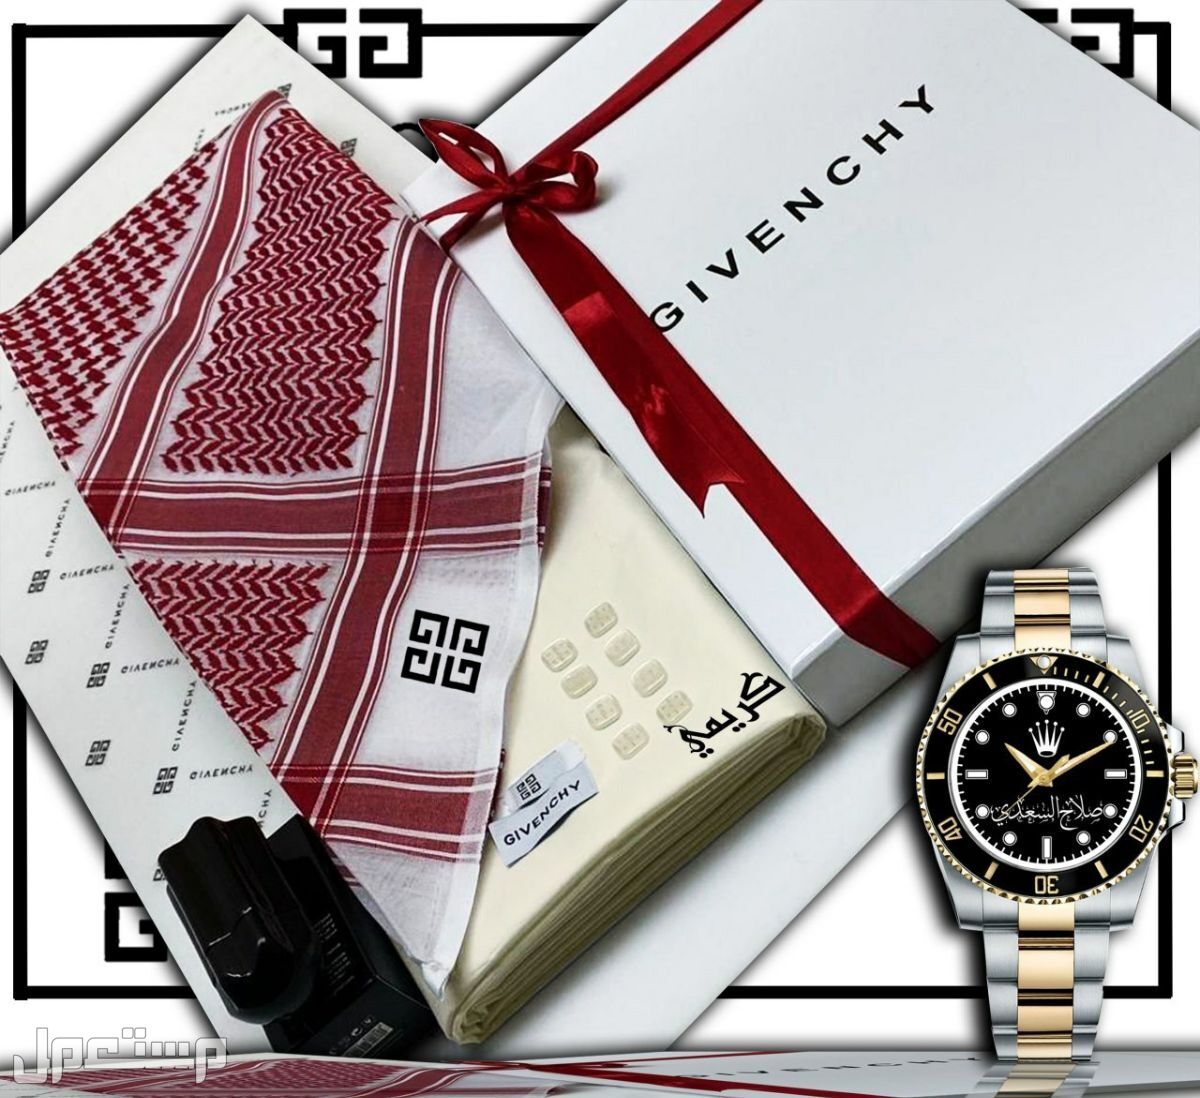 اهدي زوجك اقمشه وشماغات ماركة جفنشي. مع ساعة شكل رولكس بالاسم